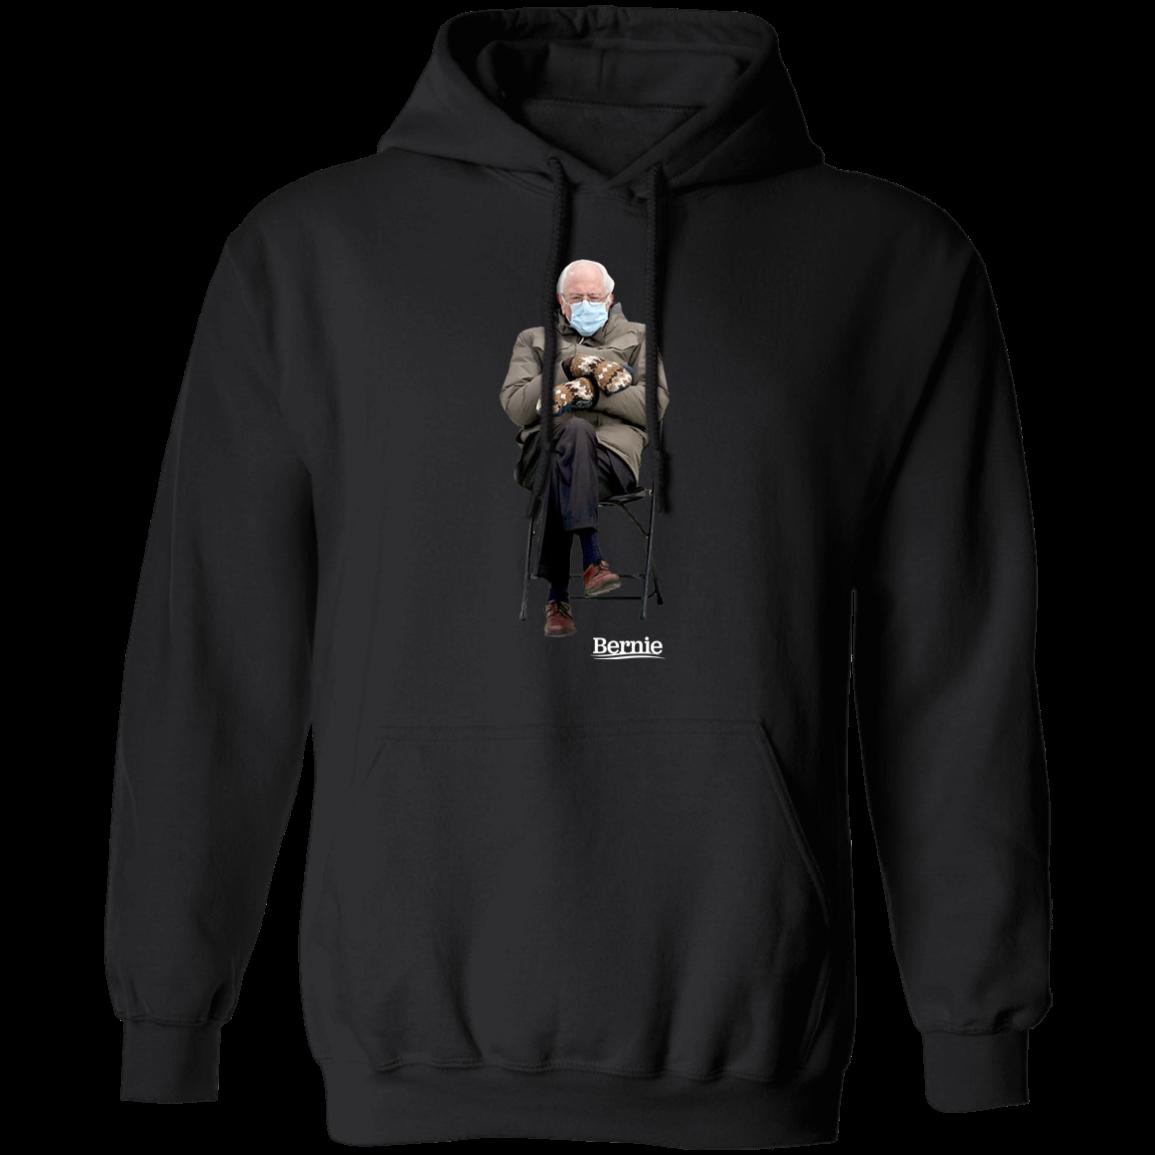 Bernie Sanders Hoodie Bernie Chair Hoodie For Sale In 2021 Hoodies Sweatshirts Hoodie Pullover Hoodie